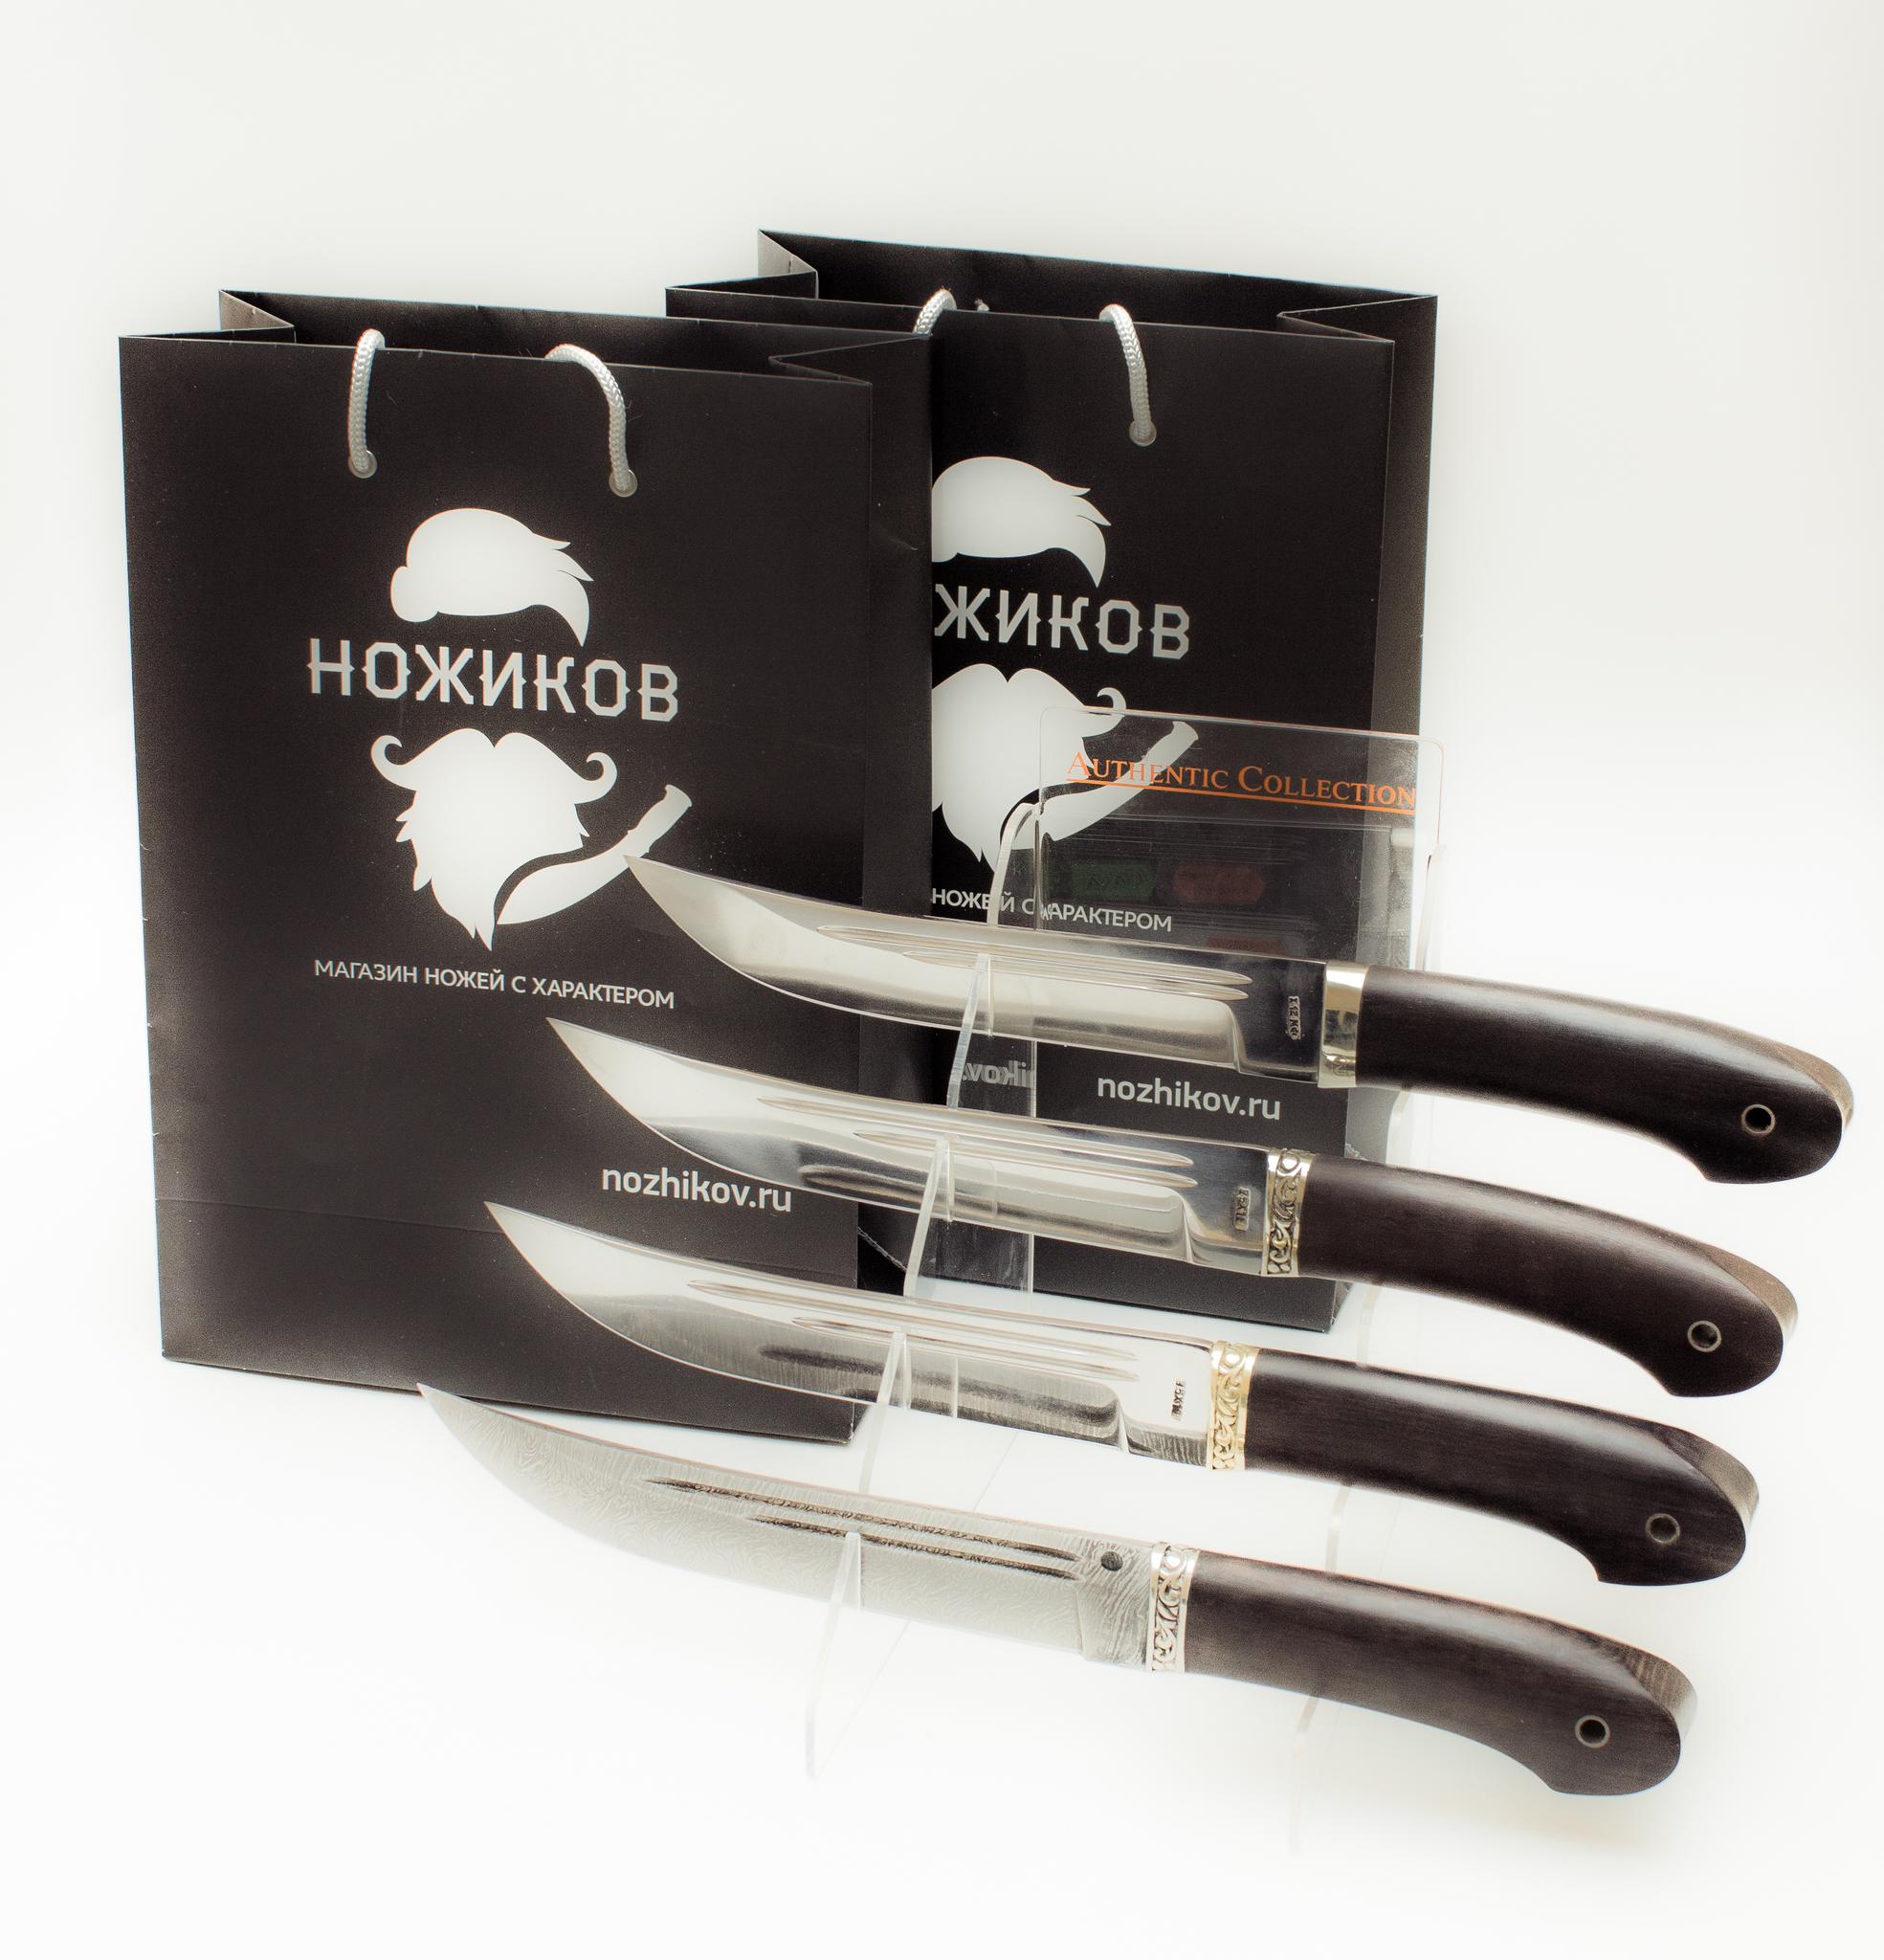 Фото 3 - Подарочный пакет от Nozhikov